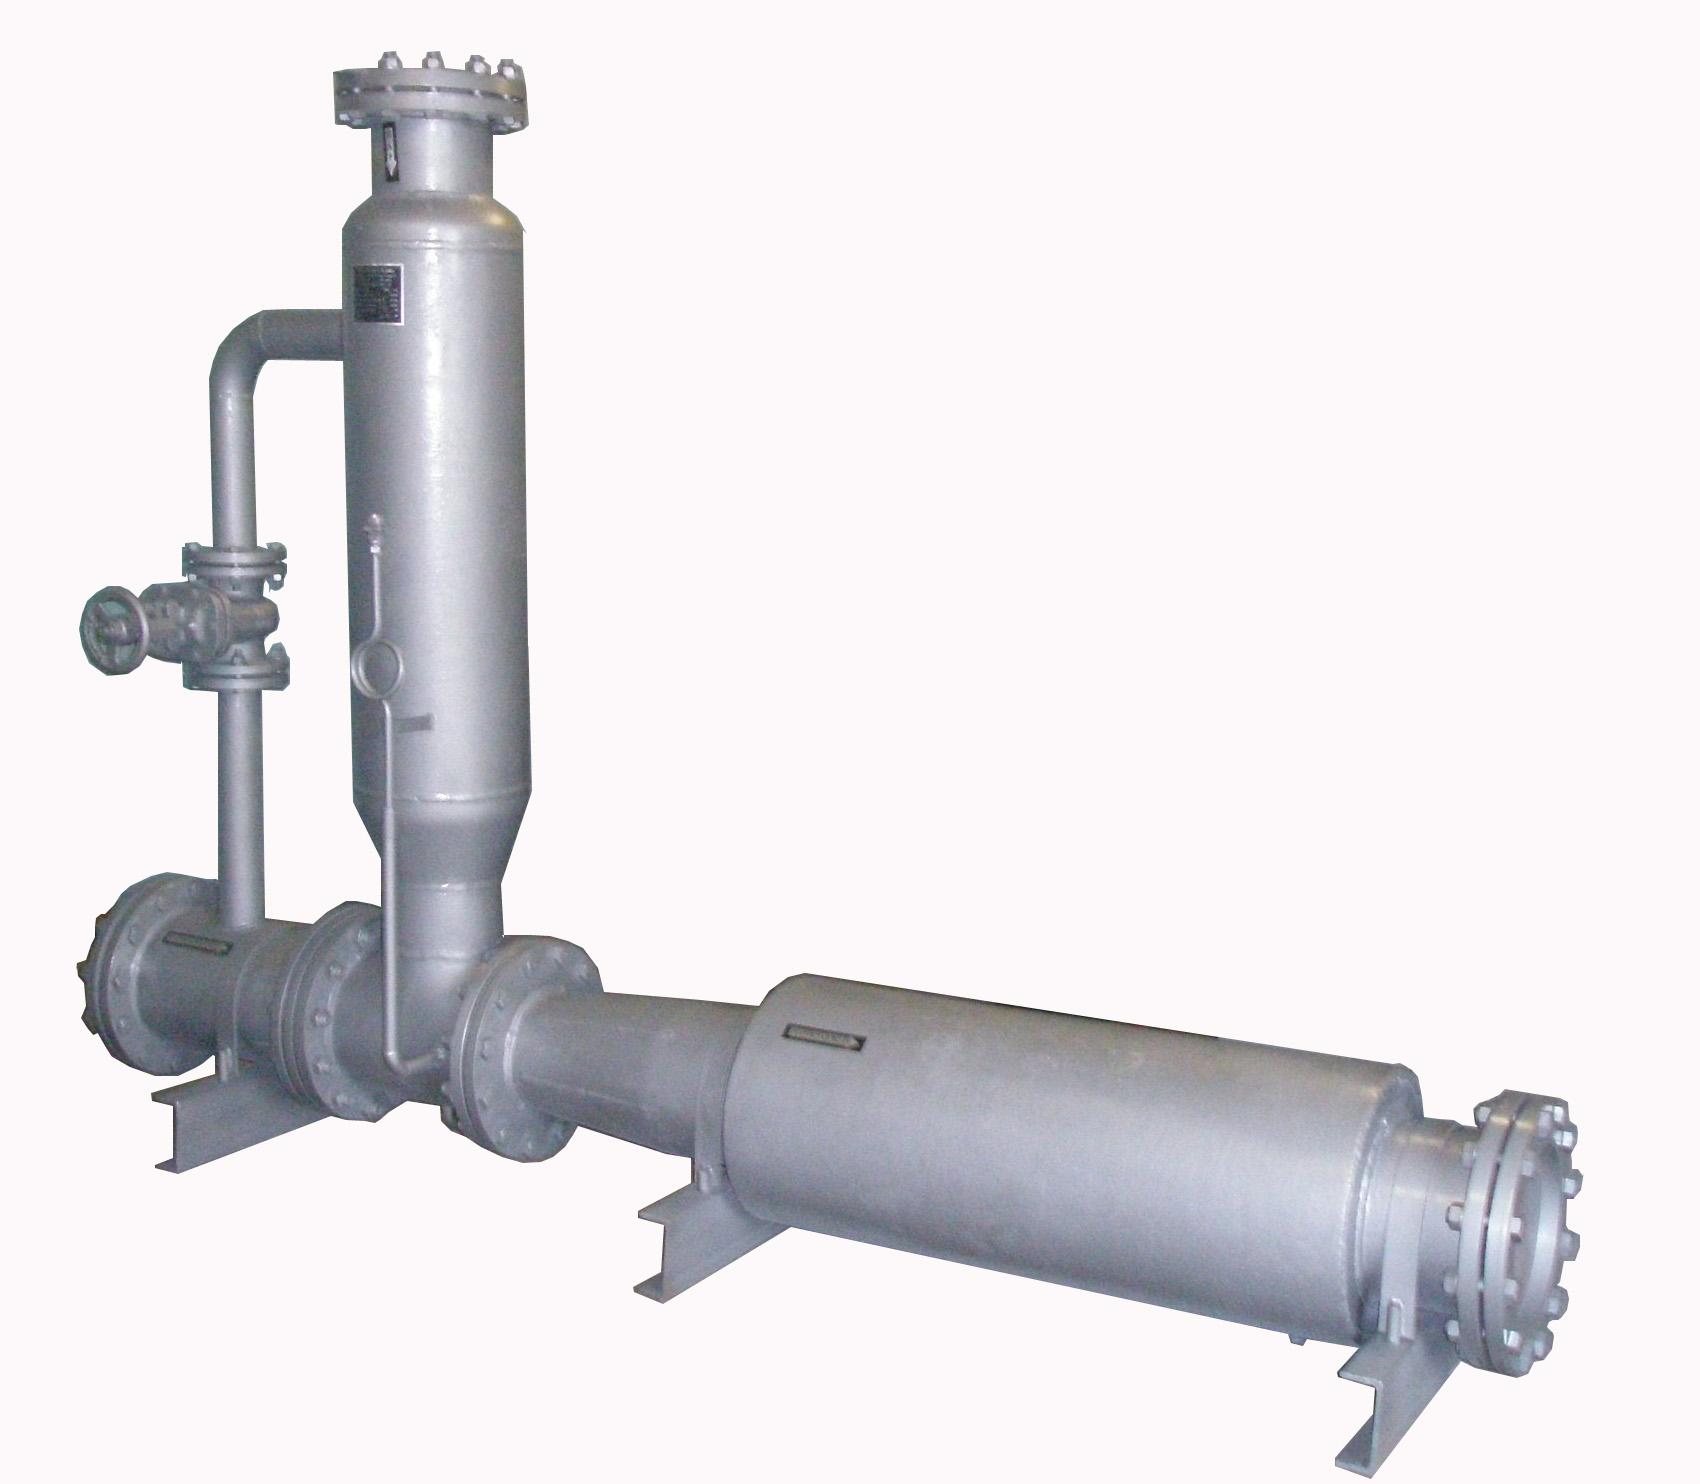 Смесительные теплообменники примеры применения регистр теплообменник на трубе для буржуйки